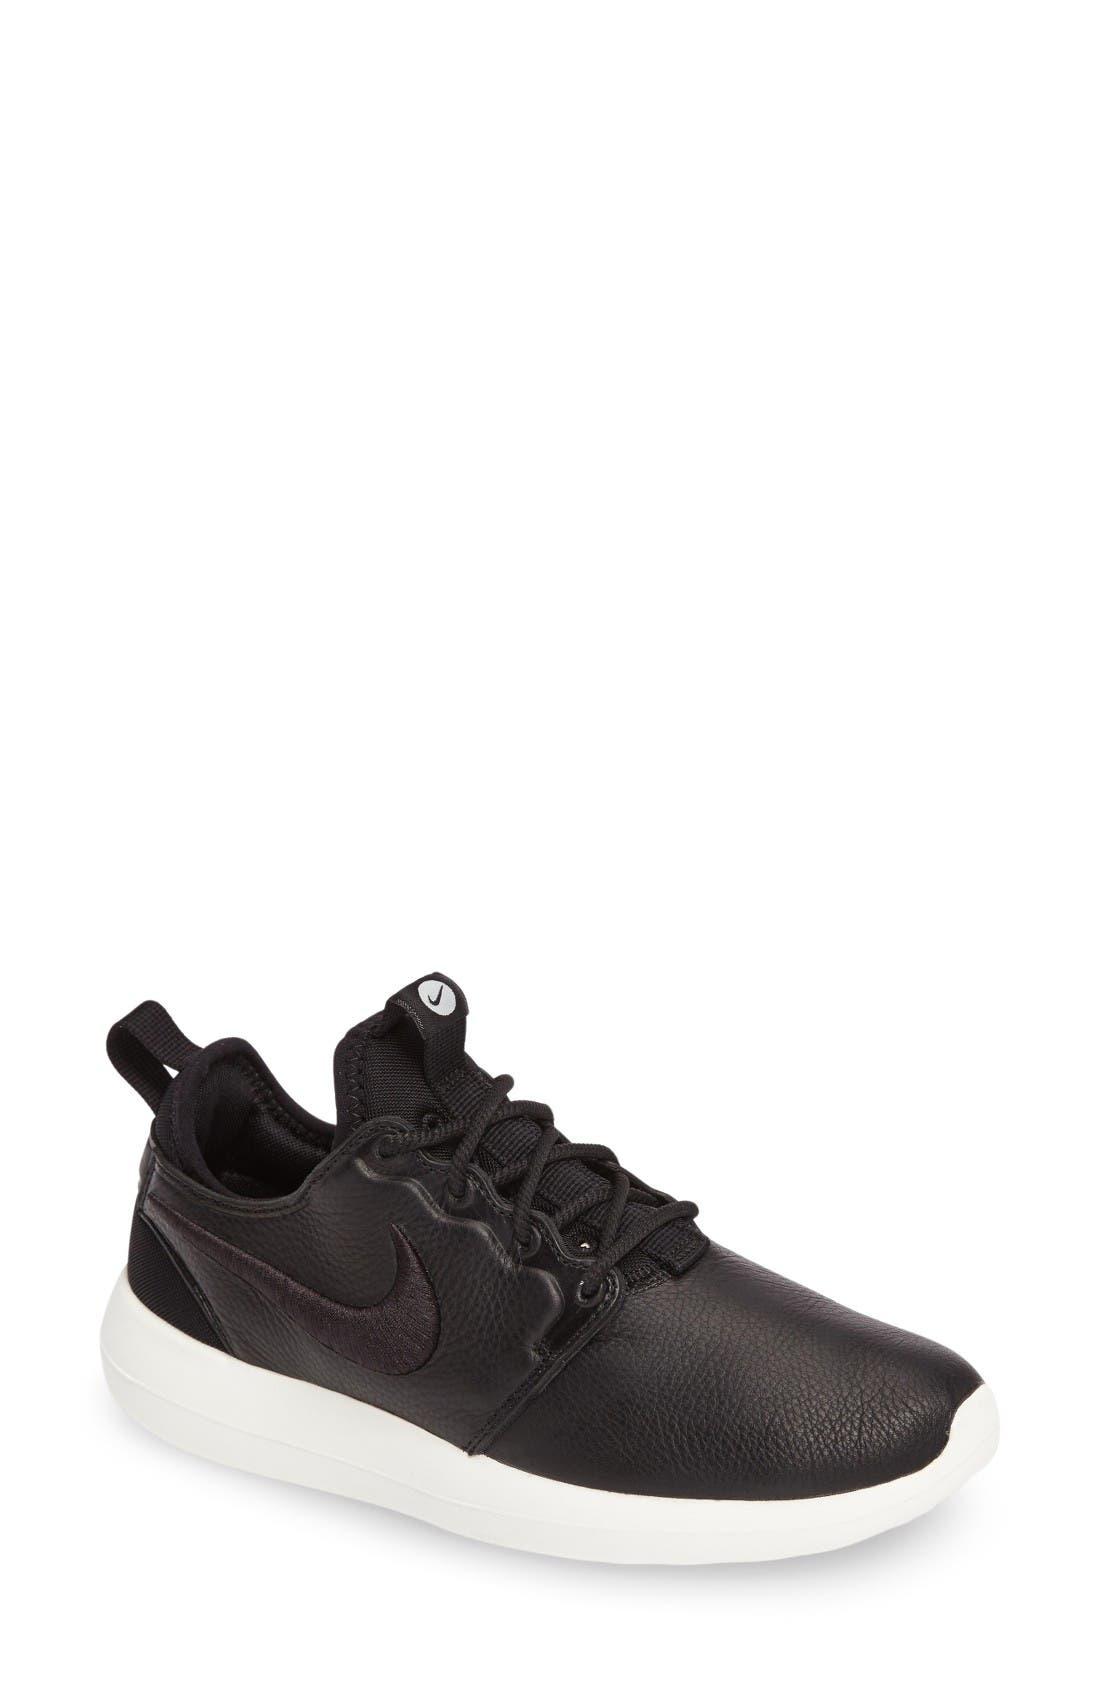 Main Image - Nike Roshe Two Si Sneaker (Women)